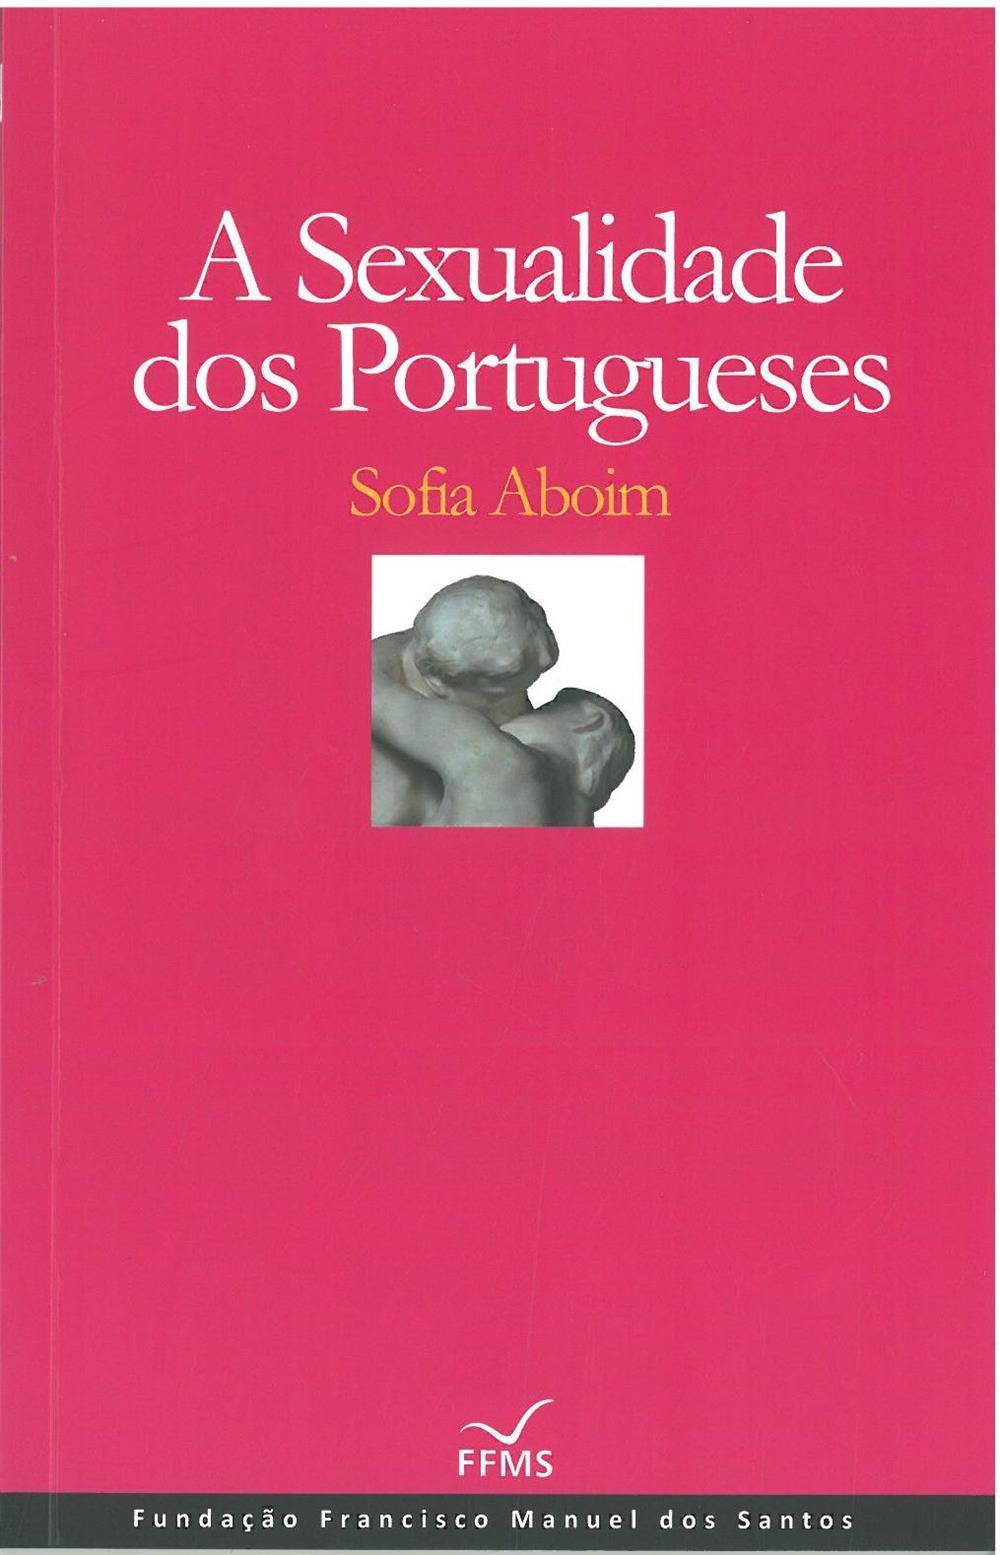 A sexualidade dos portugueses_.jpg